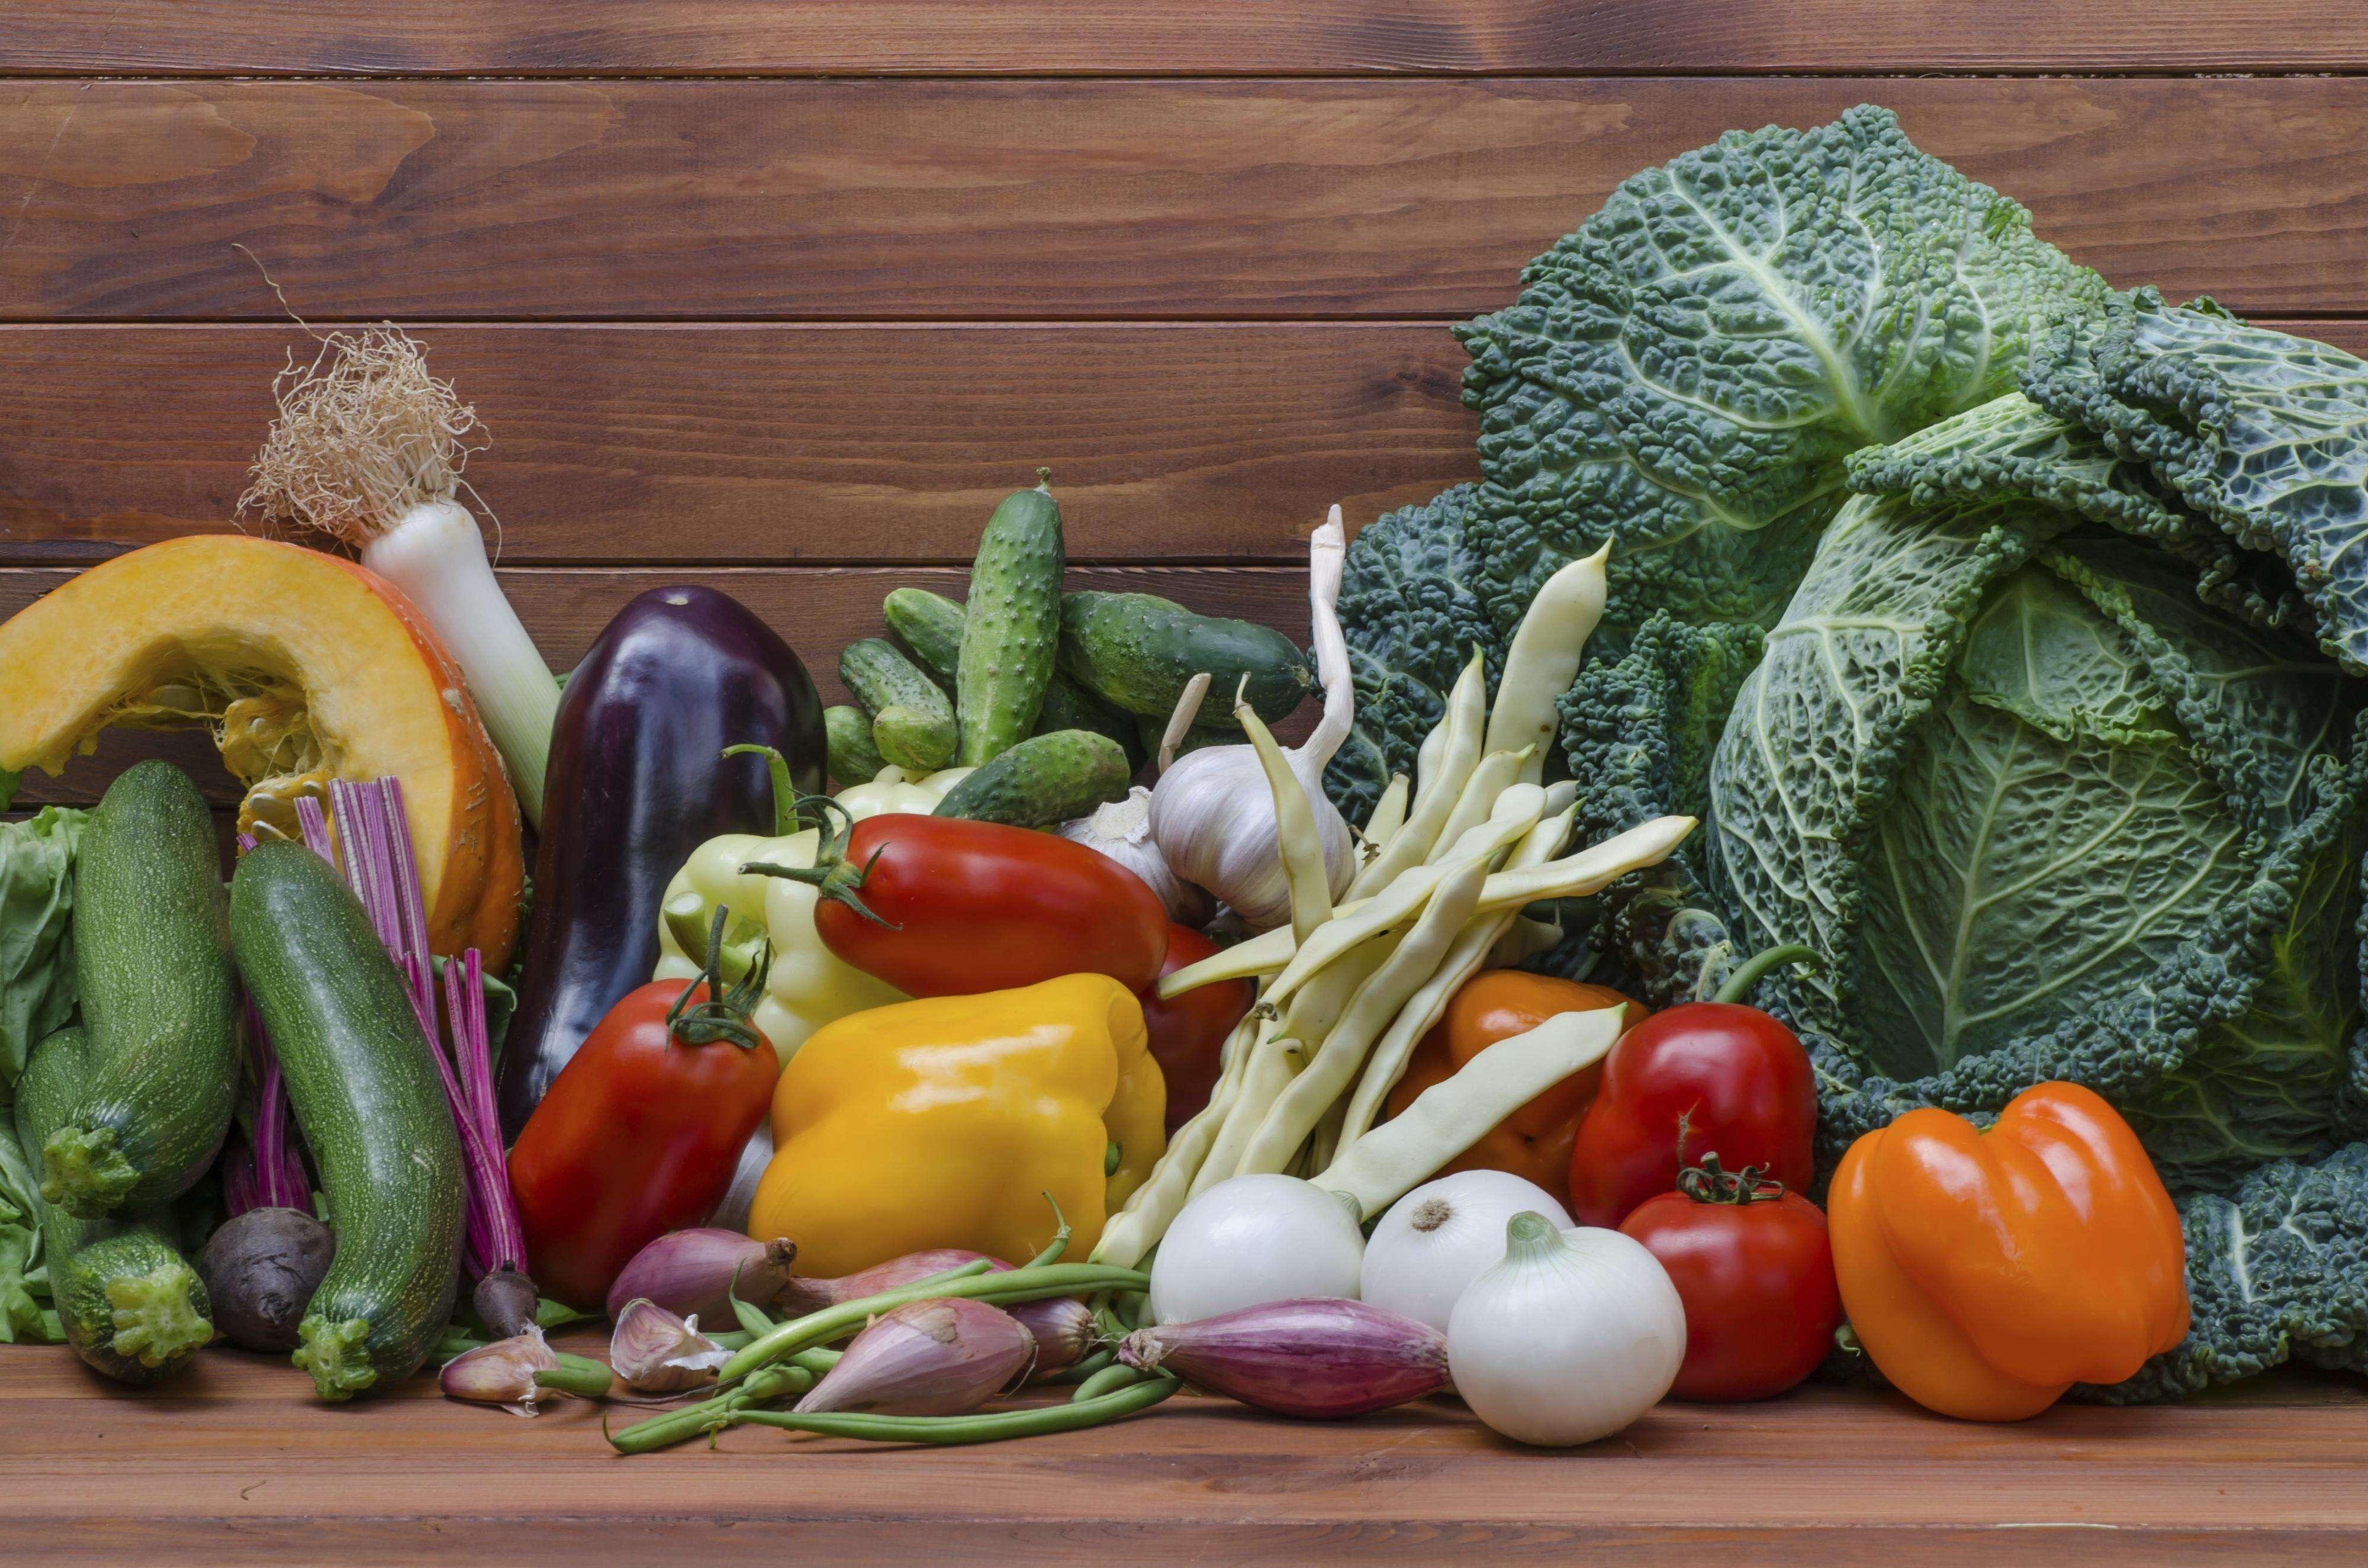 La moda de ser vegano: ¿es realmente saludable?